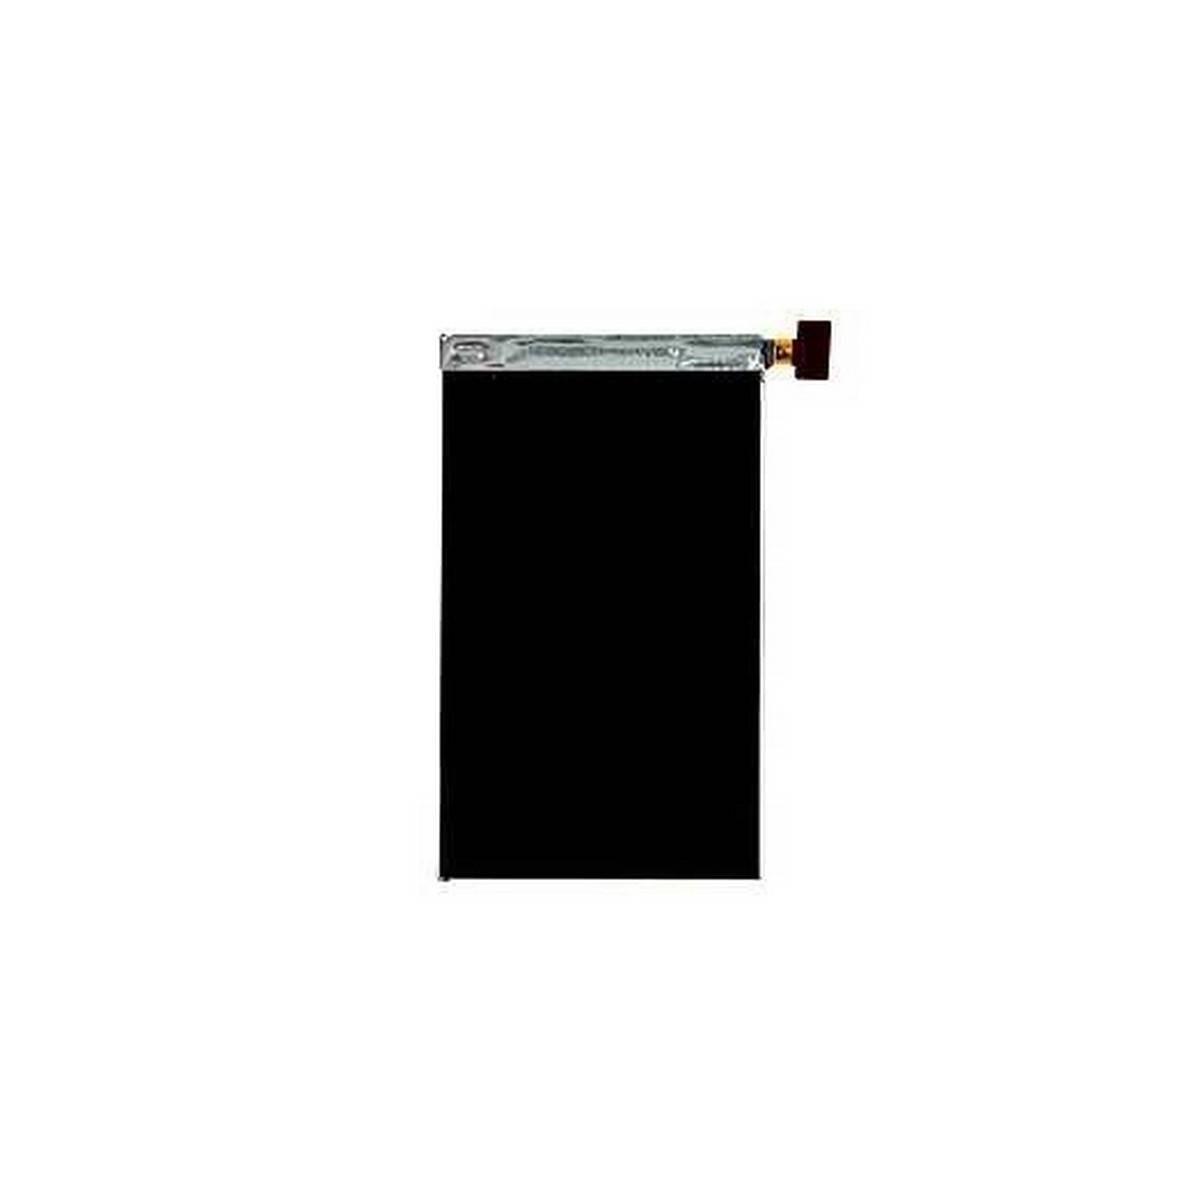 PANTALLA LCD NOKIA LUMIA 610 NEGRO